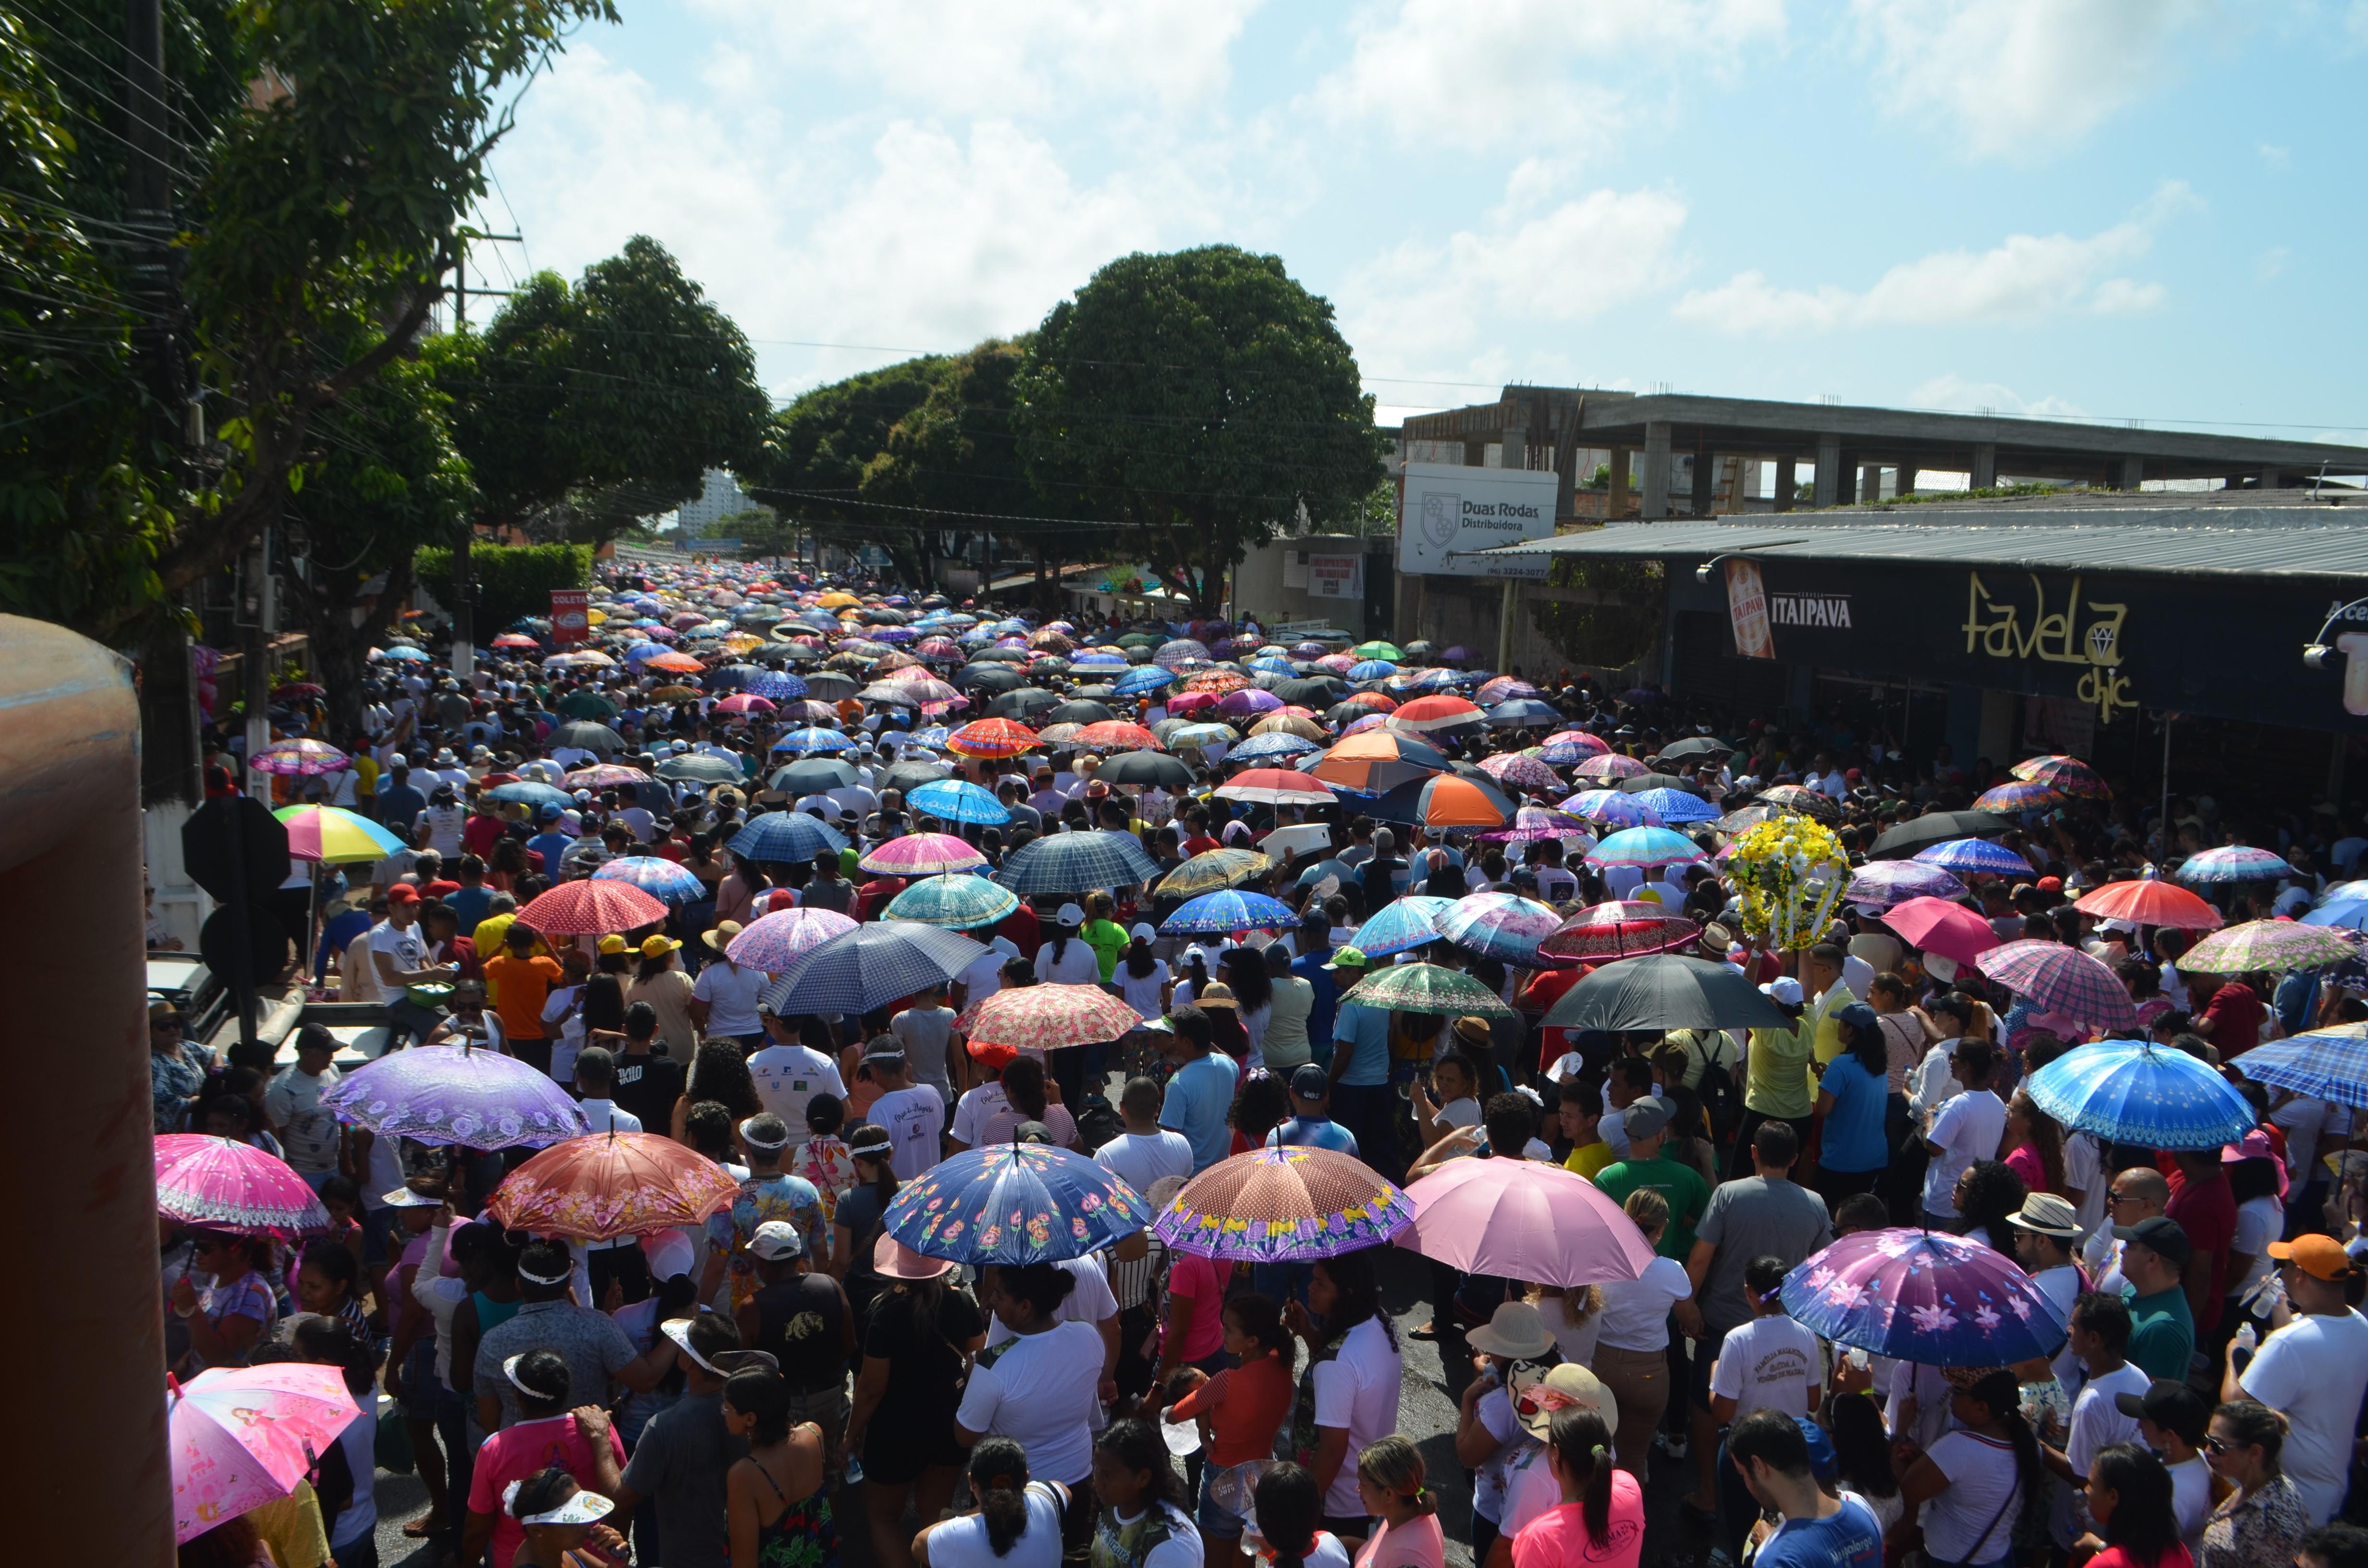 FOTOS: veja a galeria de imagens da procissão do Círio de Nazaré 2019 em Macapá - Notícias - Plantão Diário